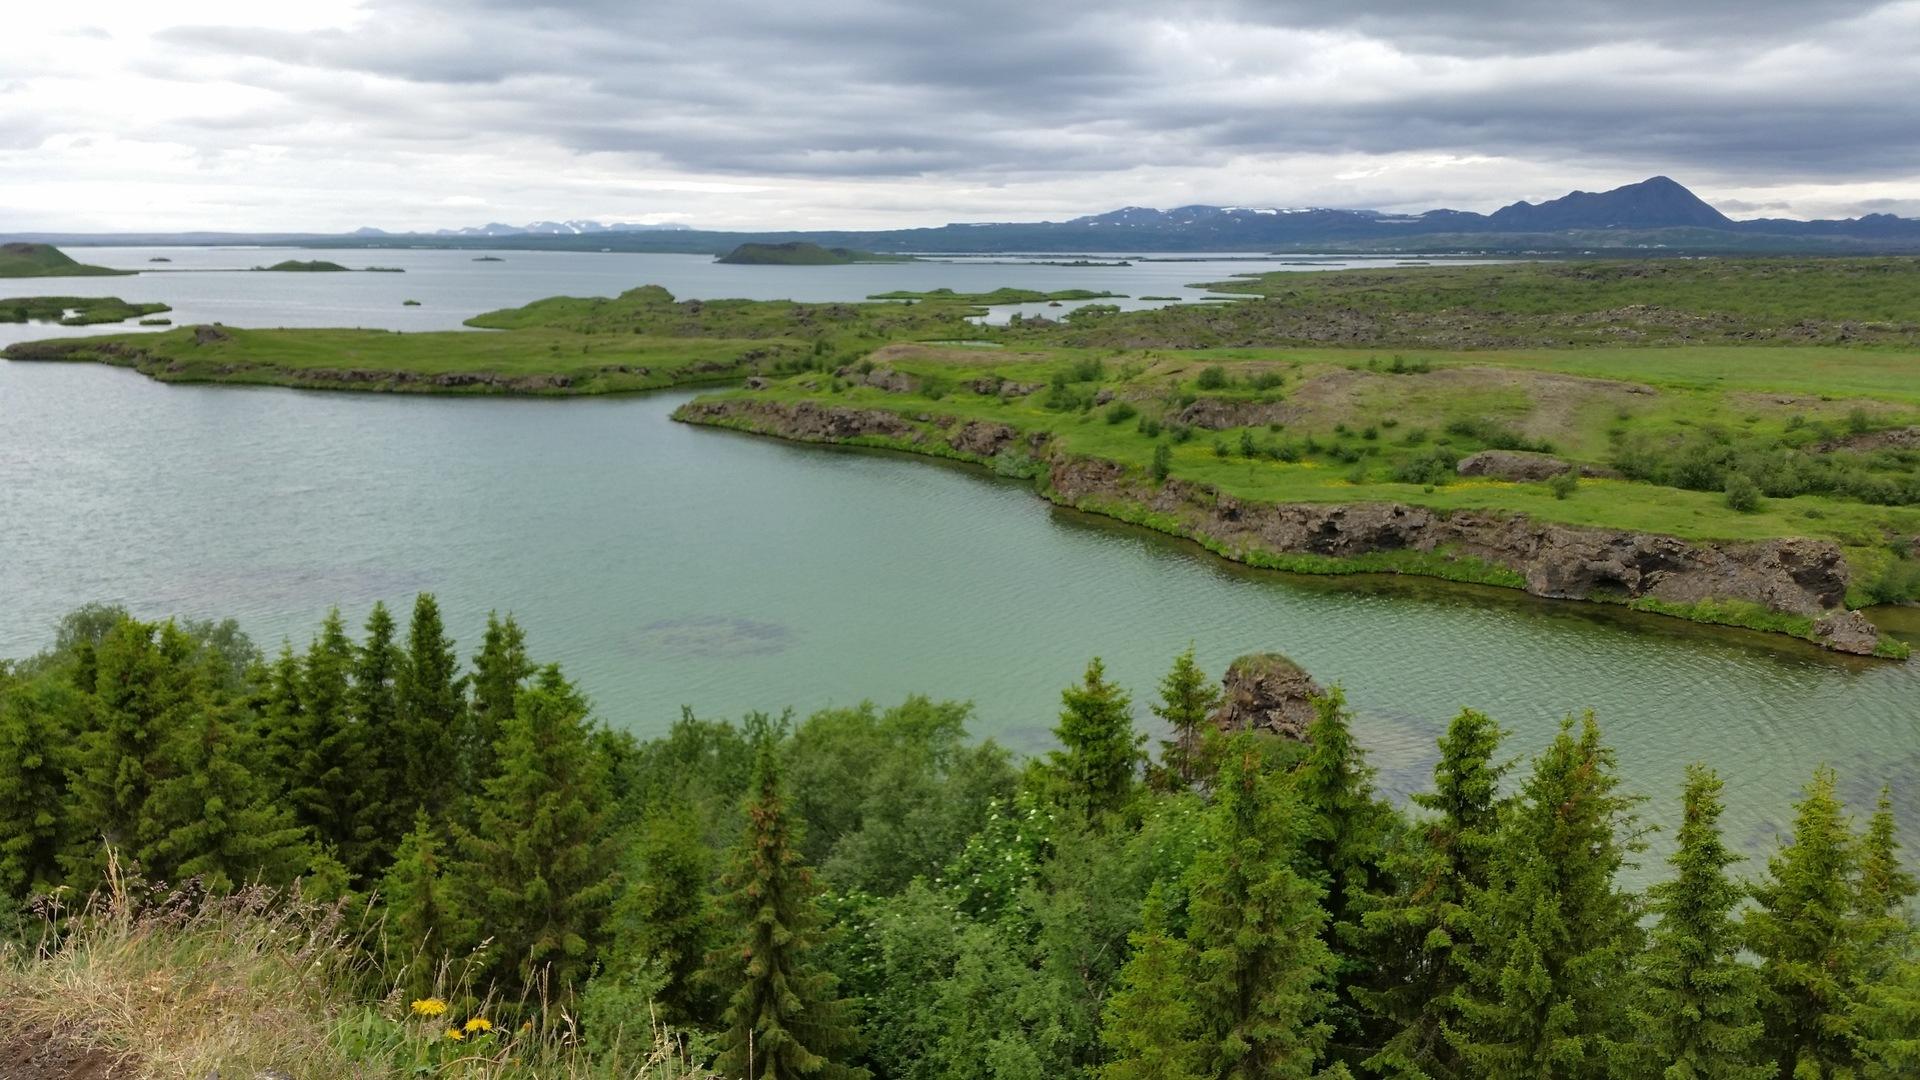 25 juin : de Husavik au lac Myvatn